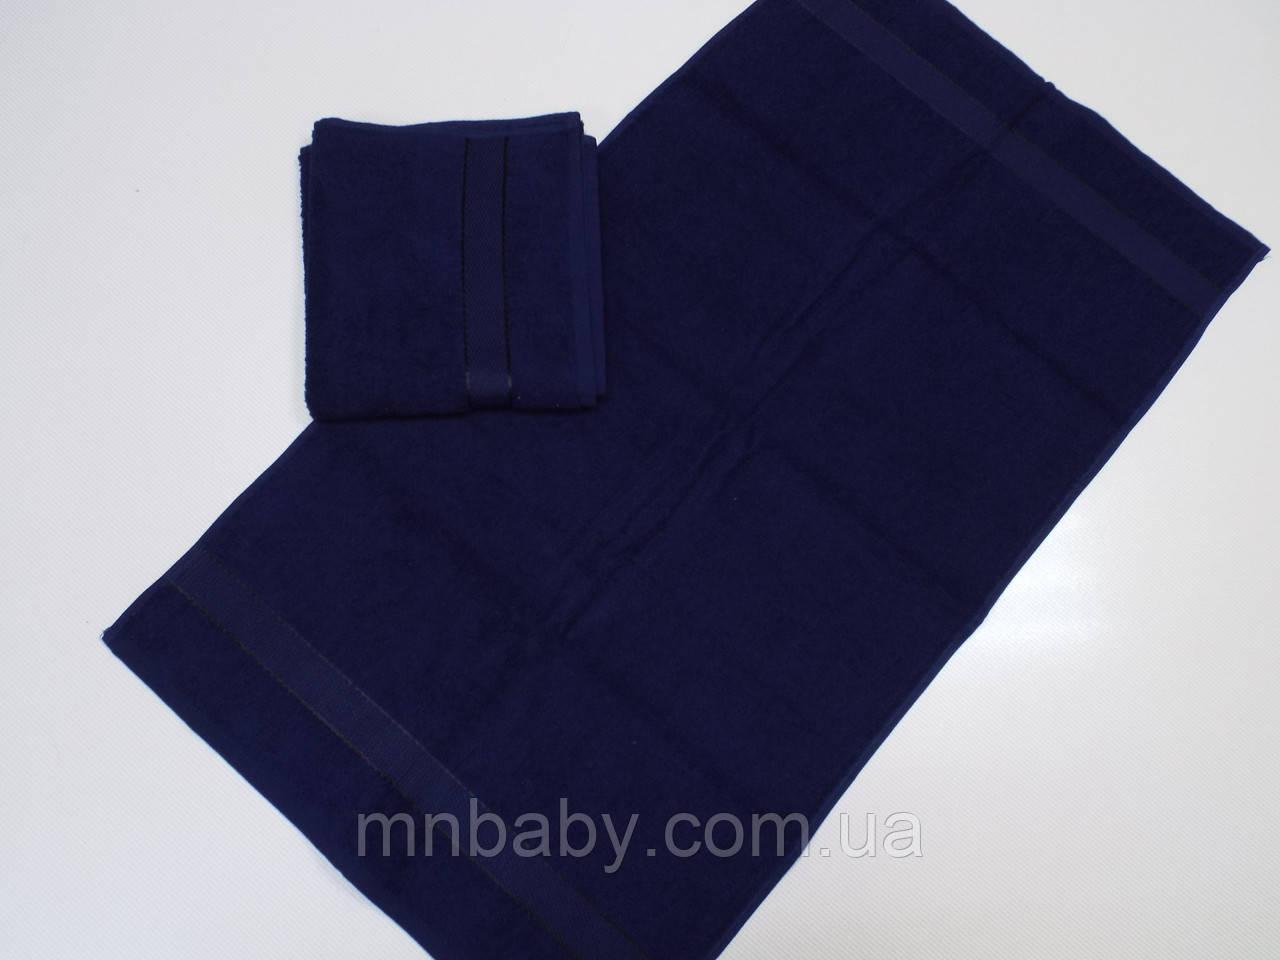 Полотенце махровое 50*90 см чернильное